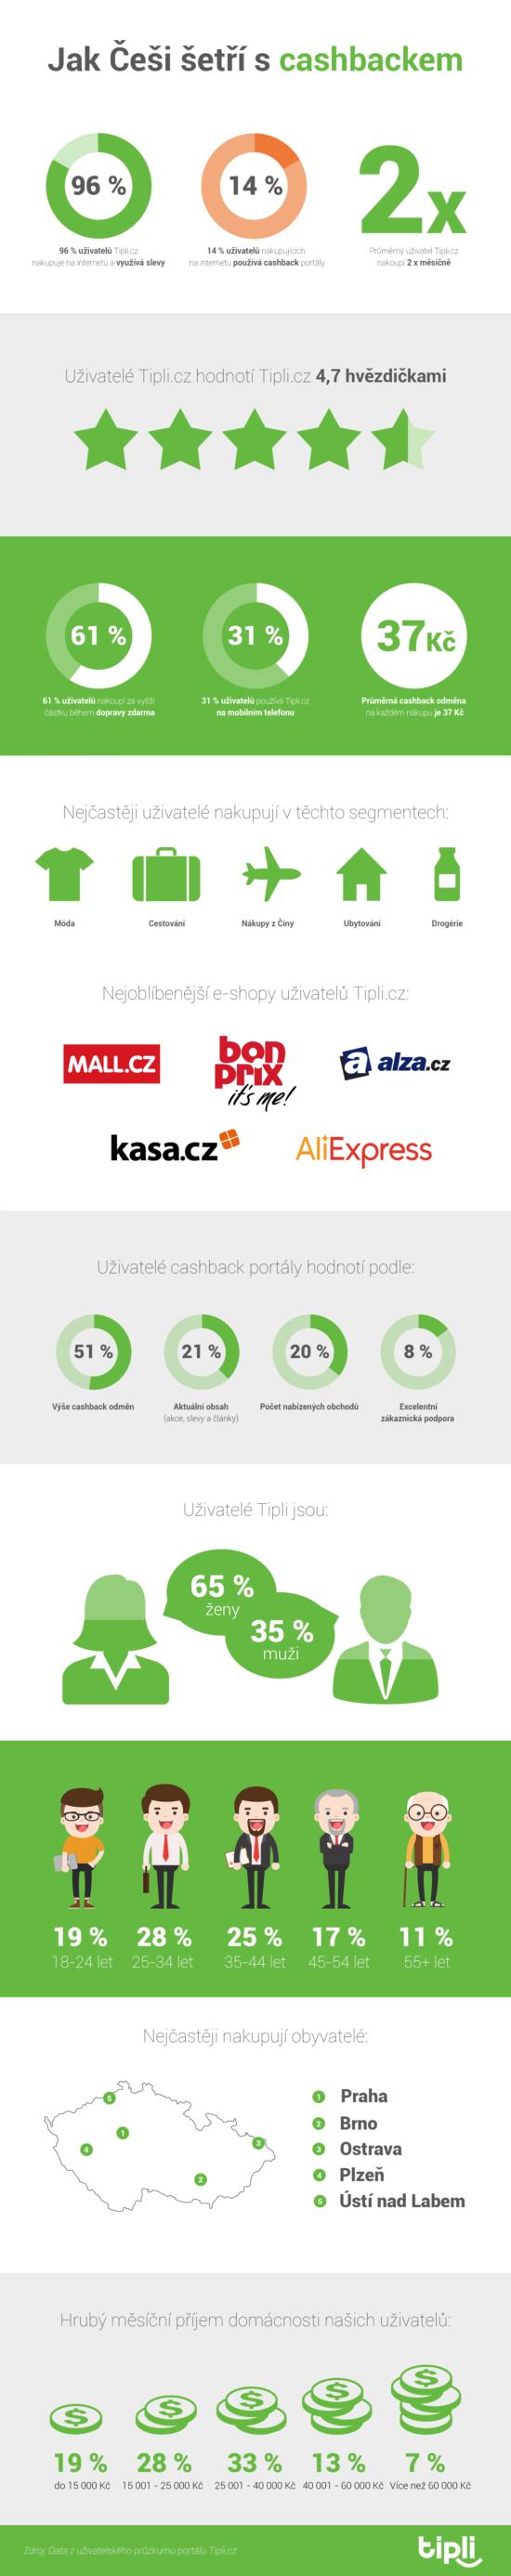 Jak Češi šetří s cashbackem – Infografika